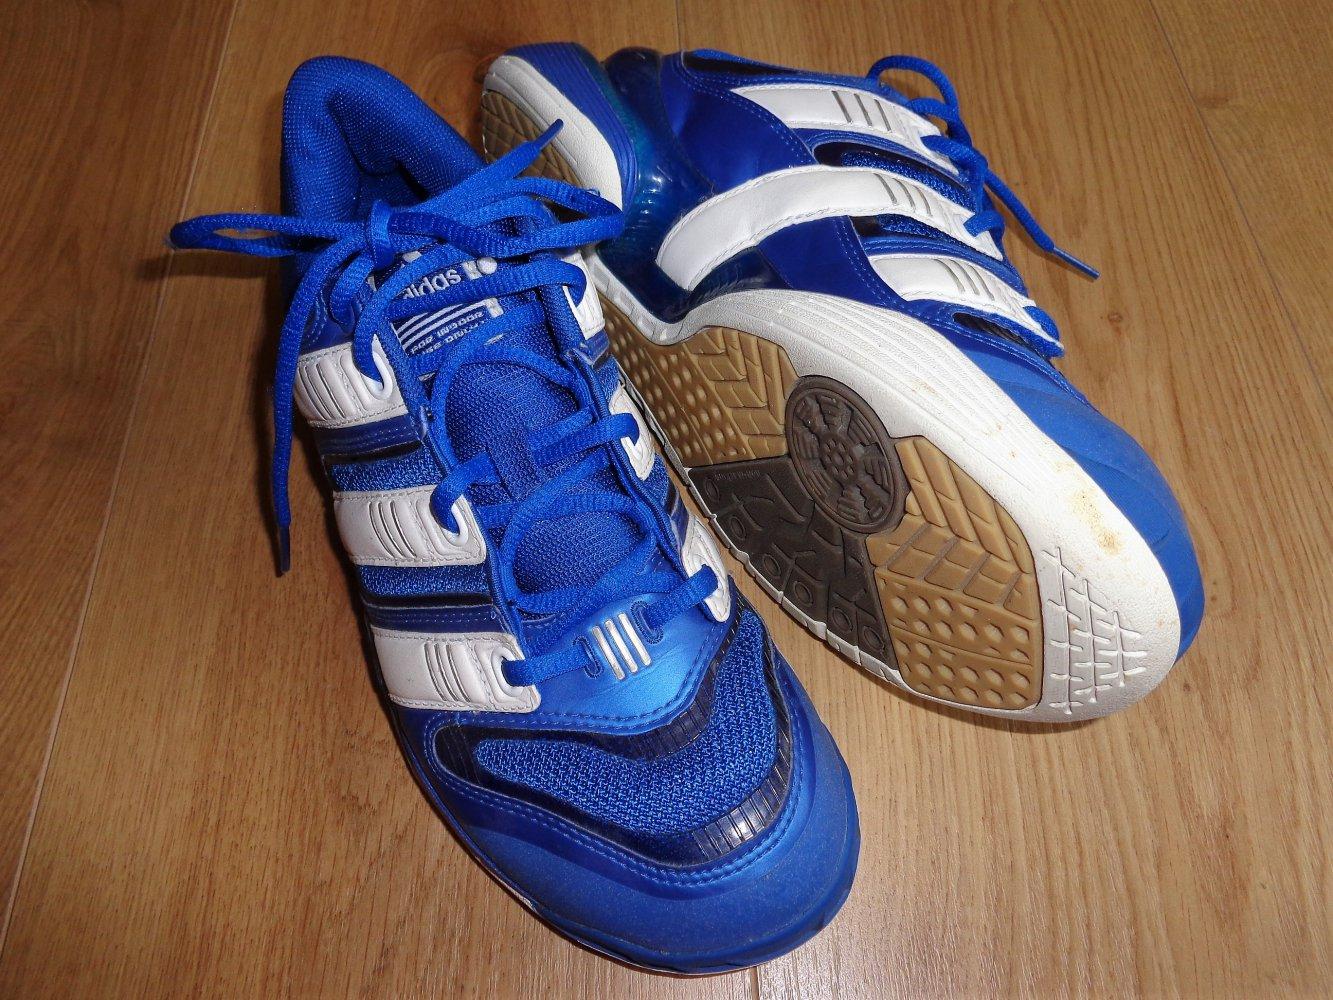 Adidas Stabil Sportschuhe gr.40 Hallenschuhe Rot Schwarz